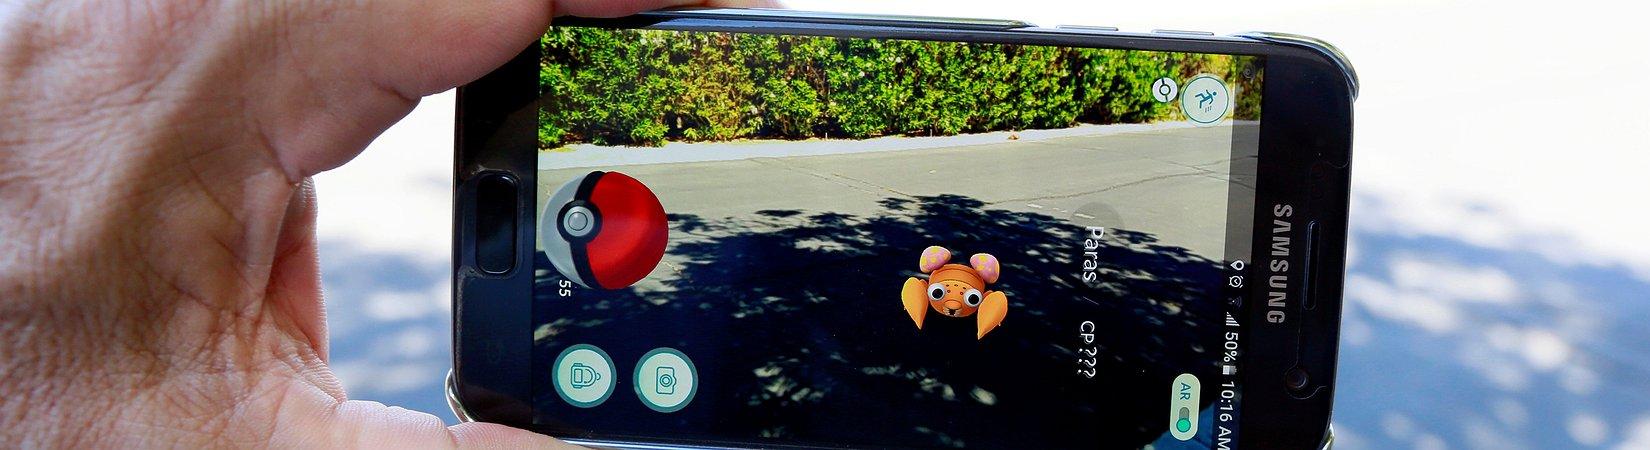 Pokémon Go: Ha llegado la hora de que todo el mundo se calme